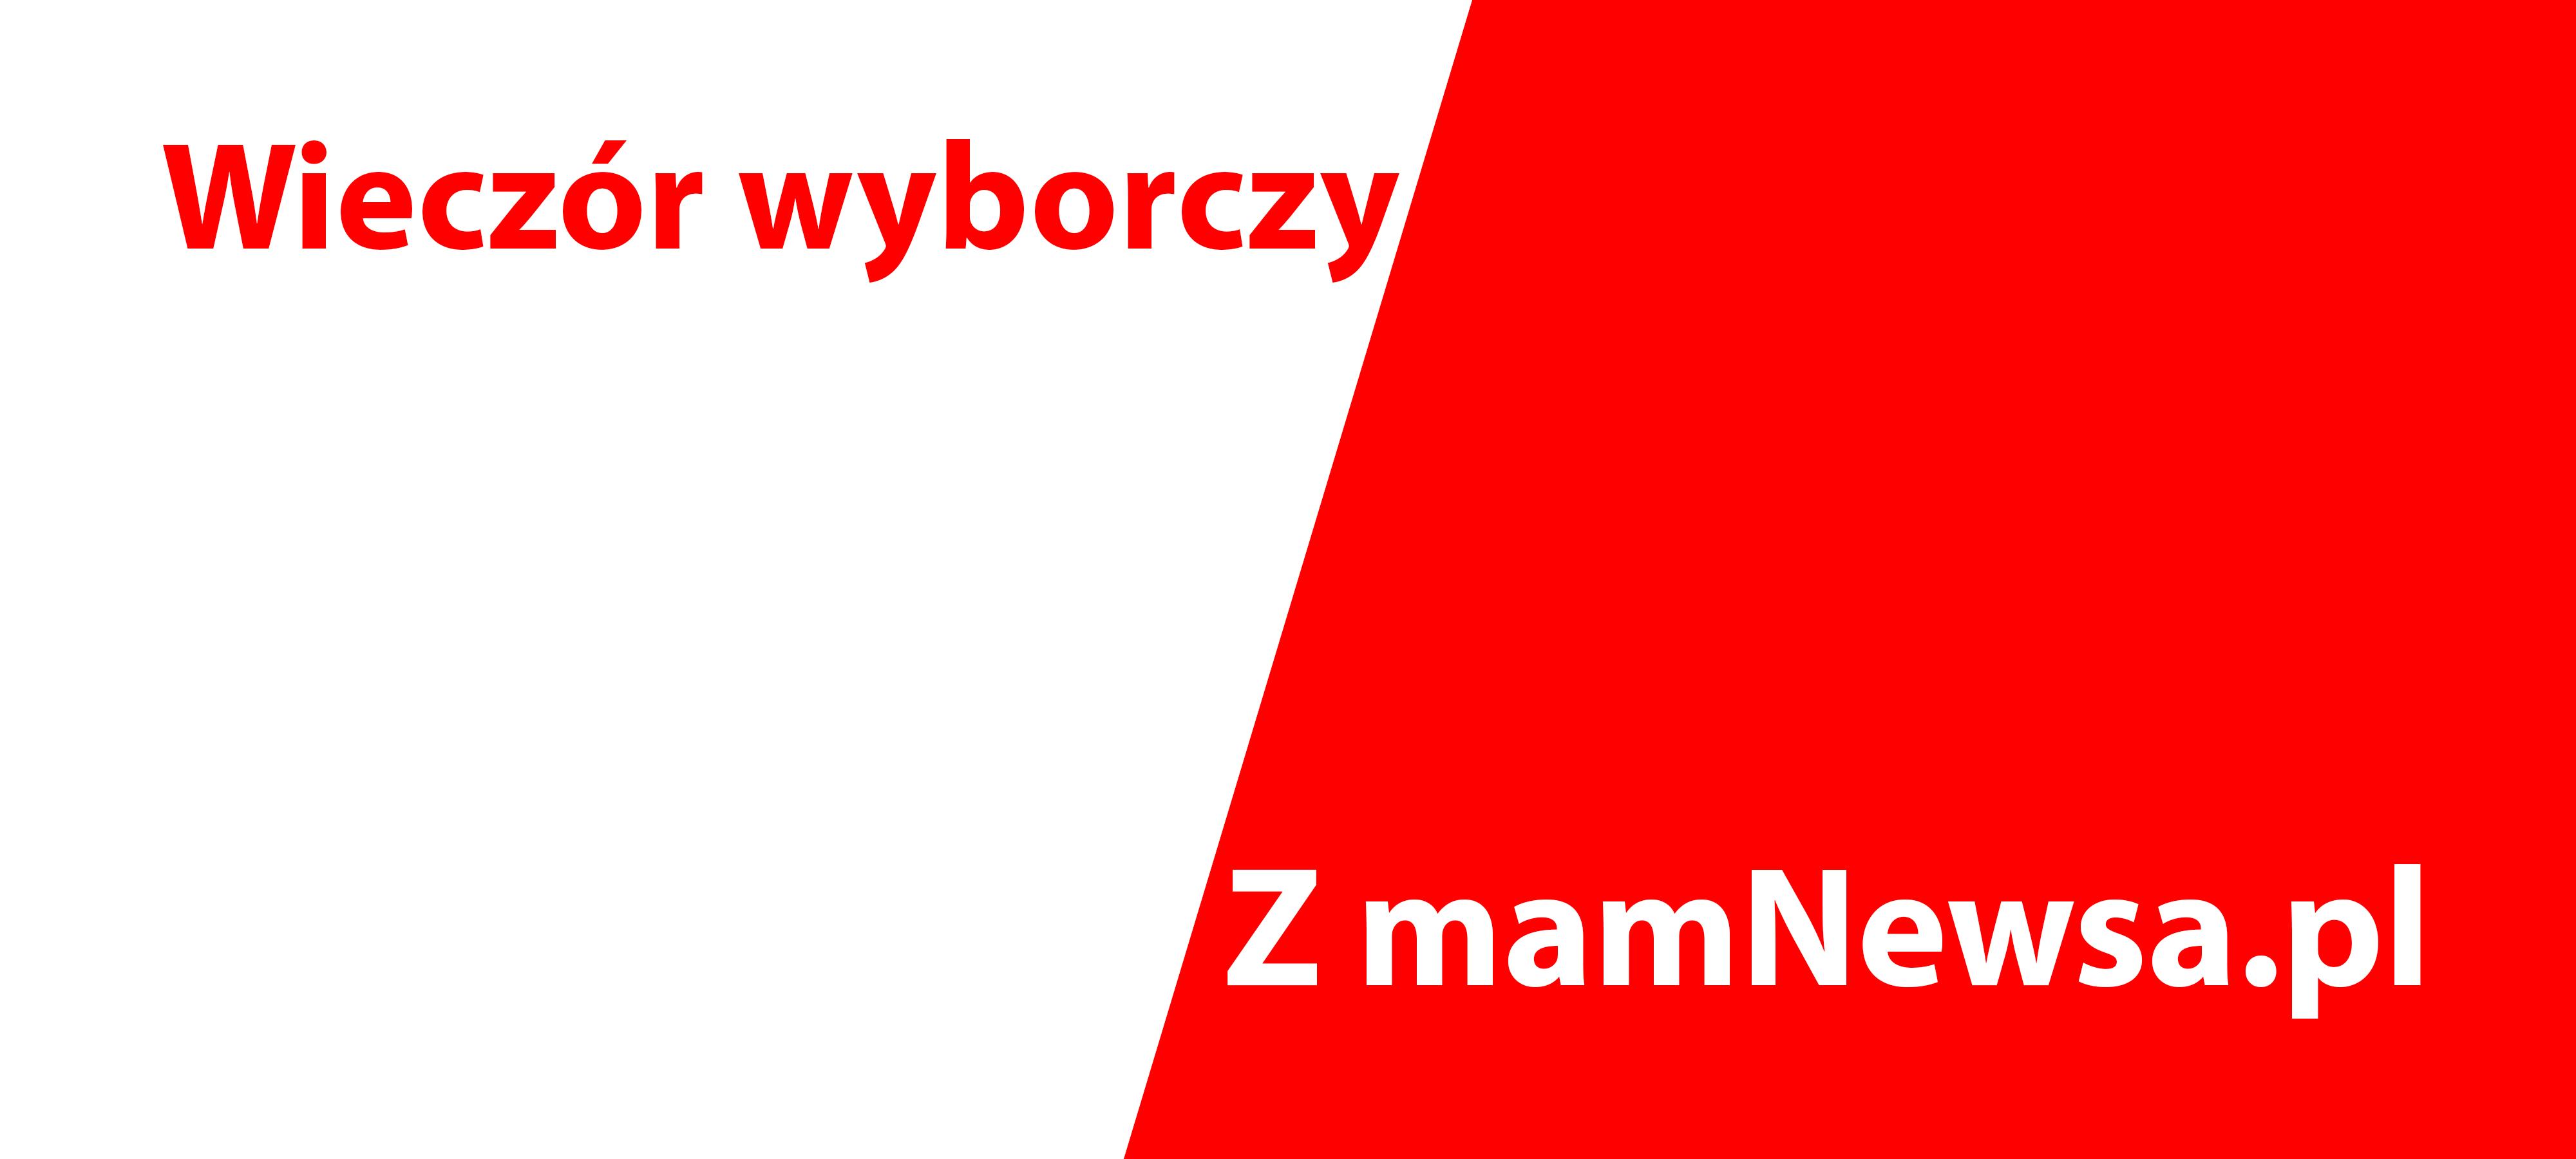 Wieczór wyborczy z mamNewsa.pl